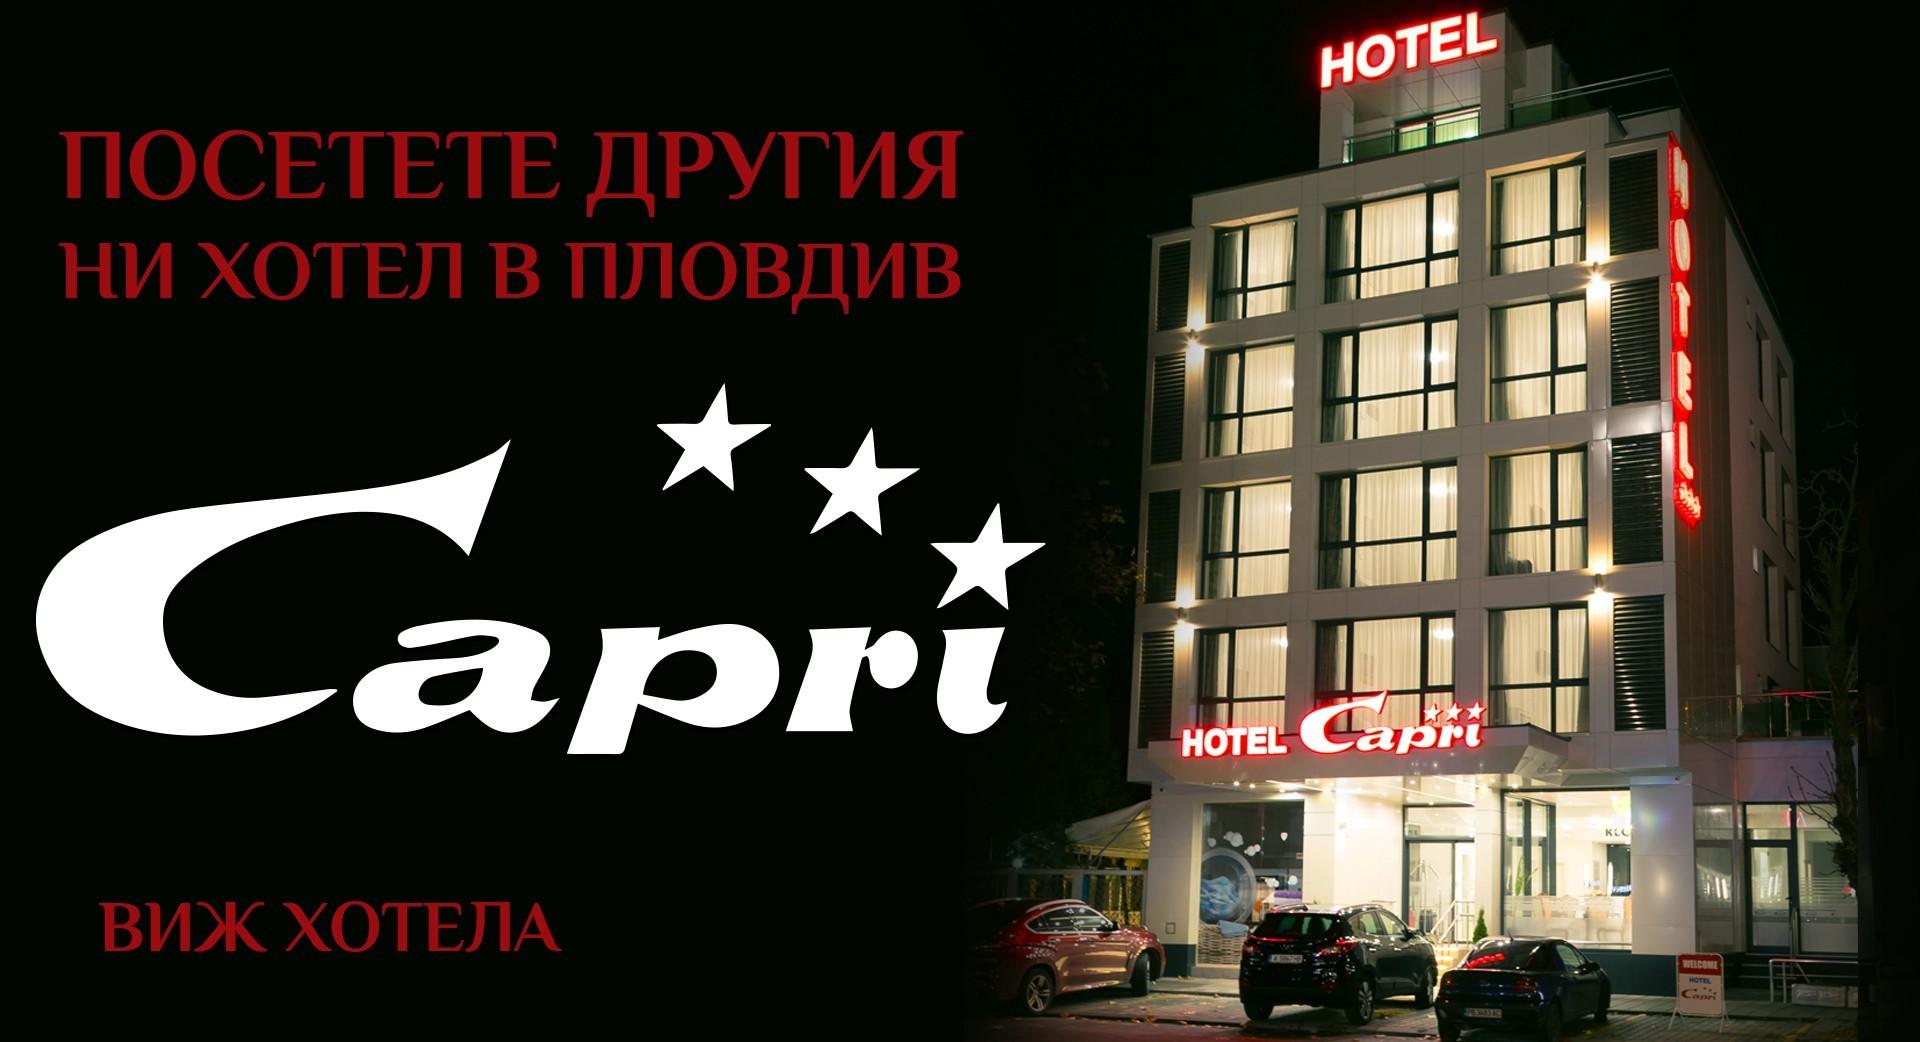 Хотел Капри в Пловдив